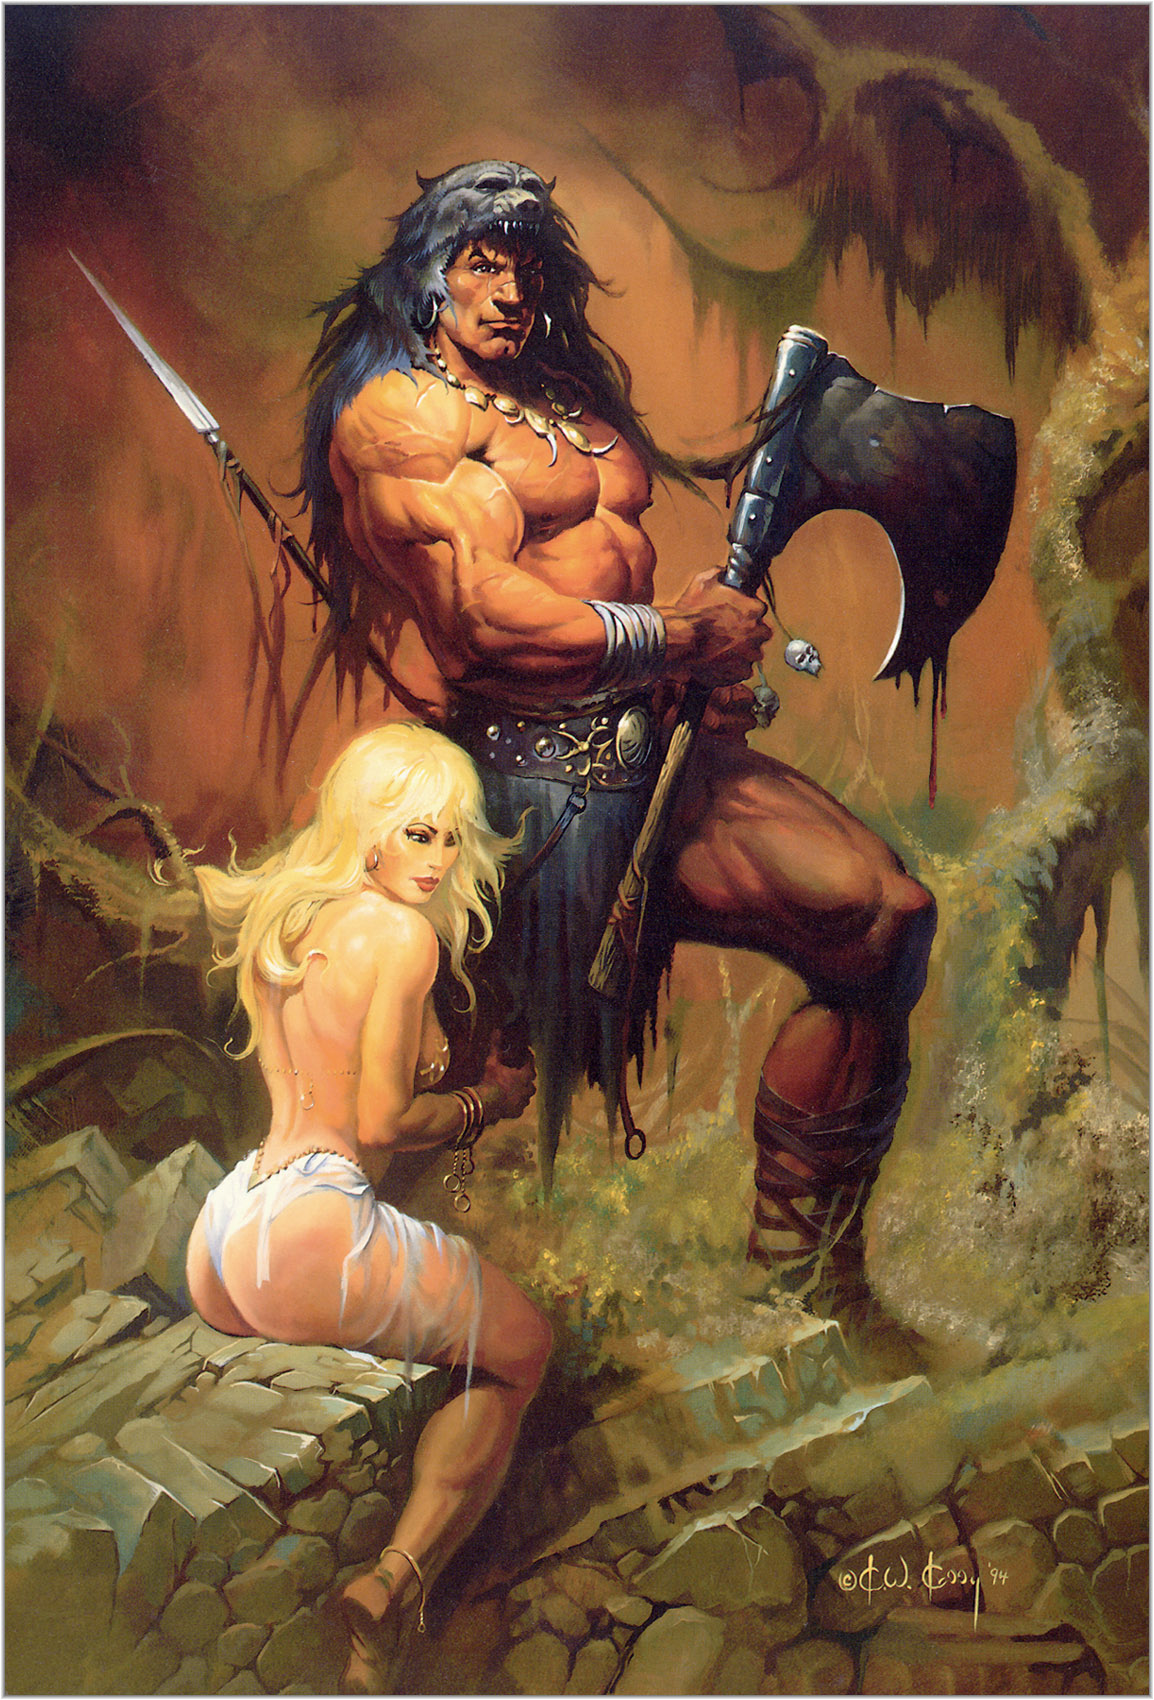 Barbarian sex picture hentai scene